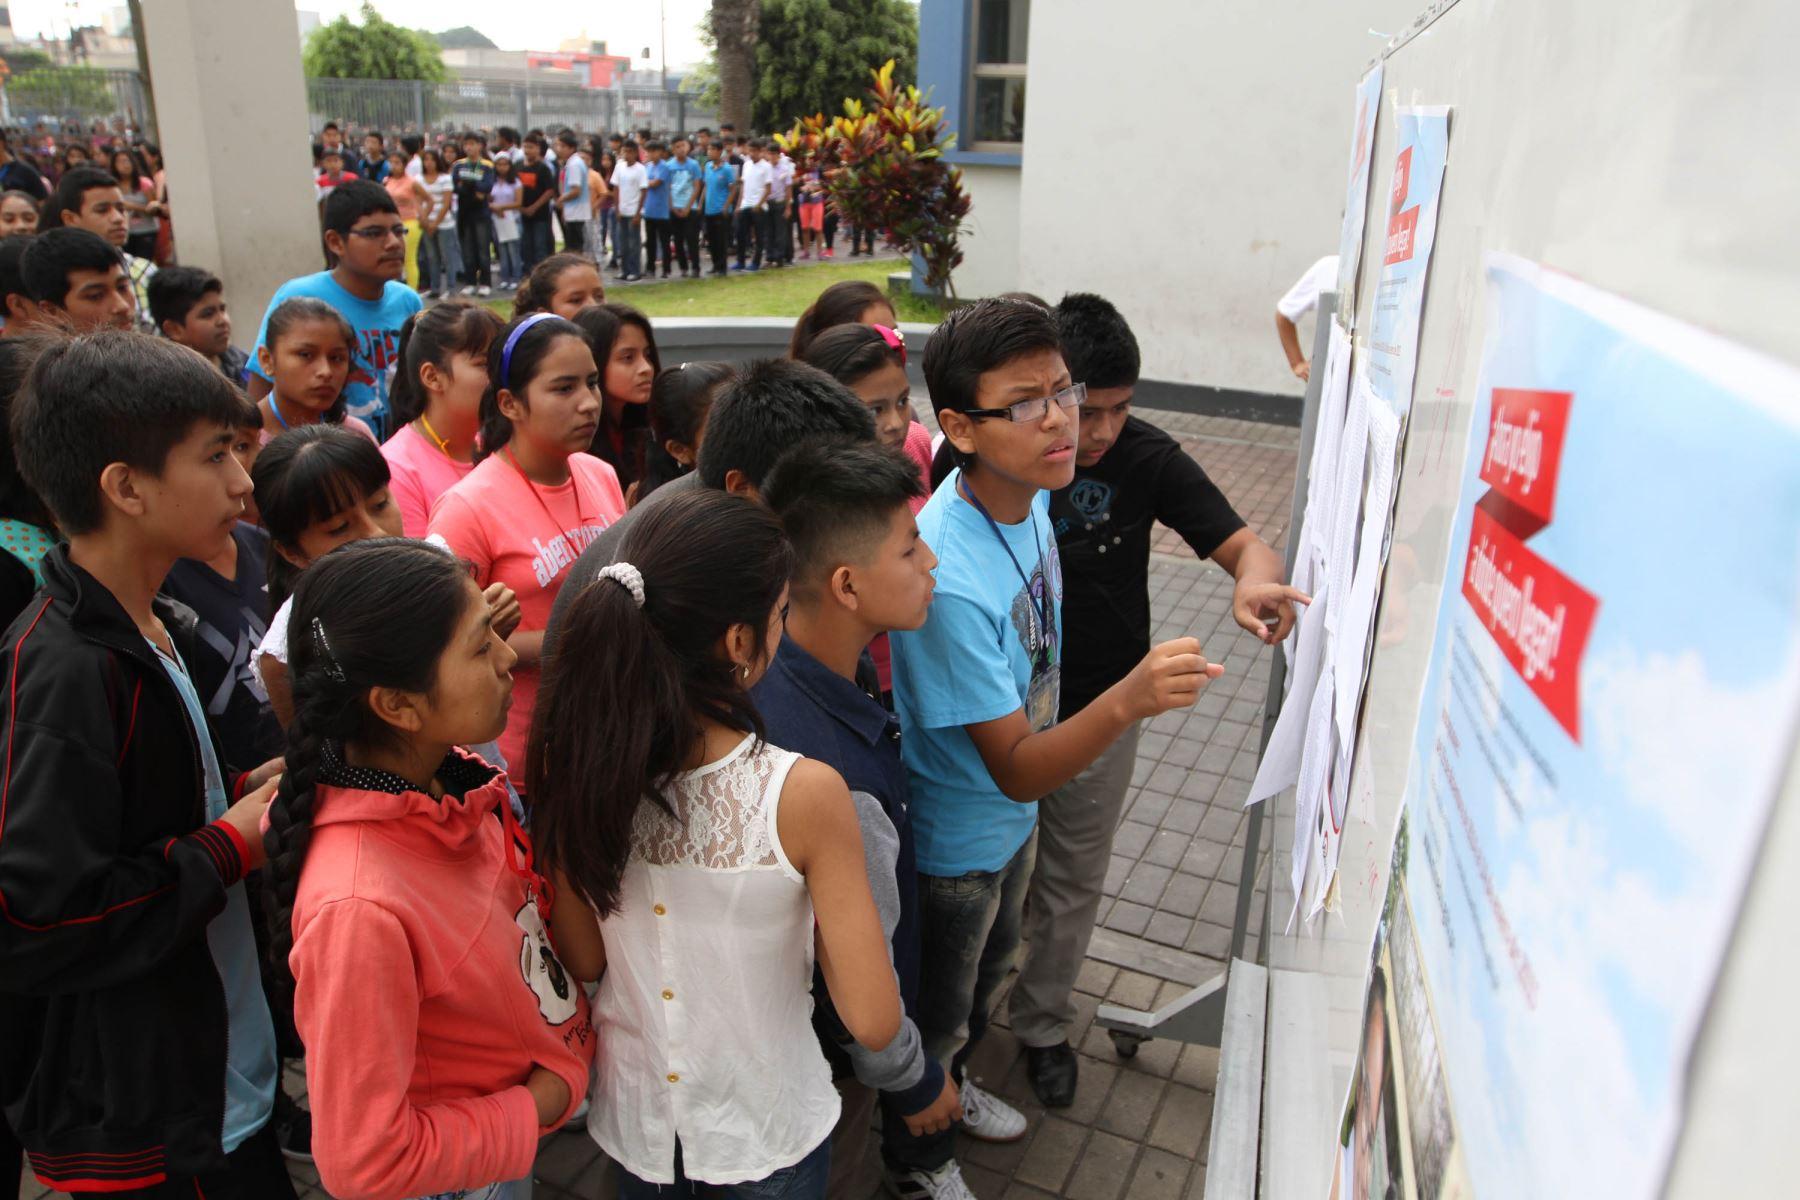 Colegios de alto rendimiento facilitarán postulación de escolares de zonas rurales, anuncia el Ministerio de Educación.